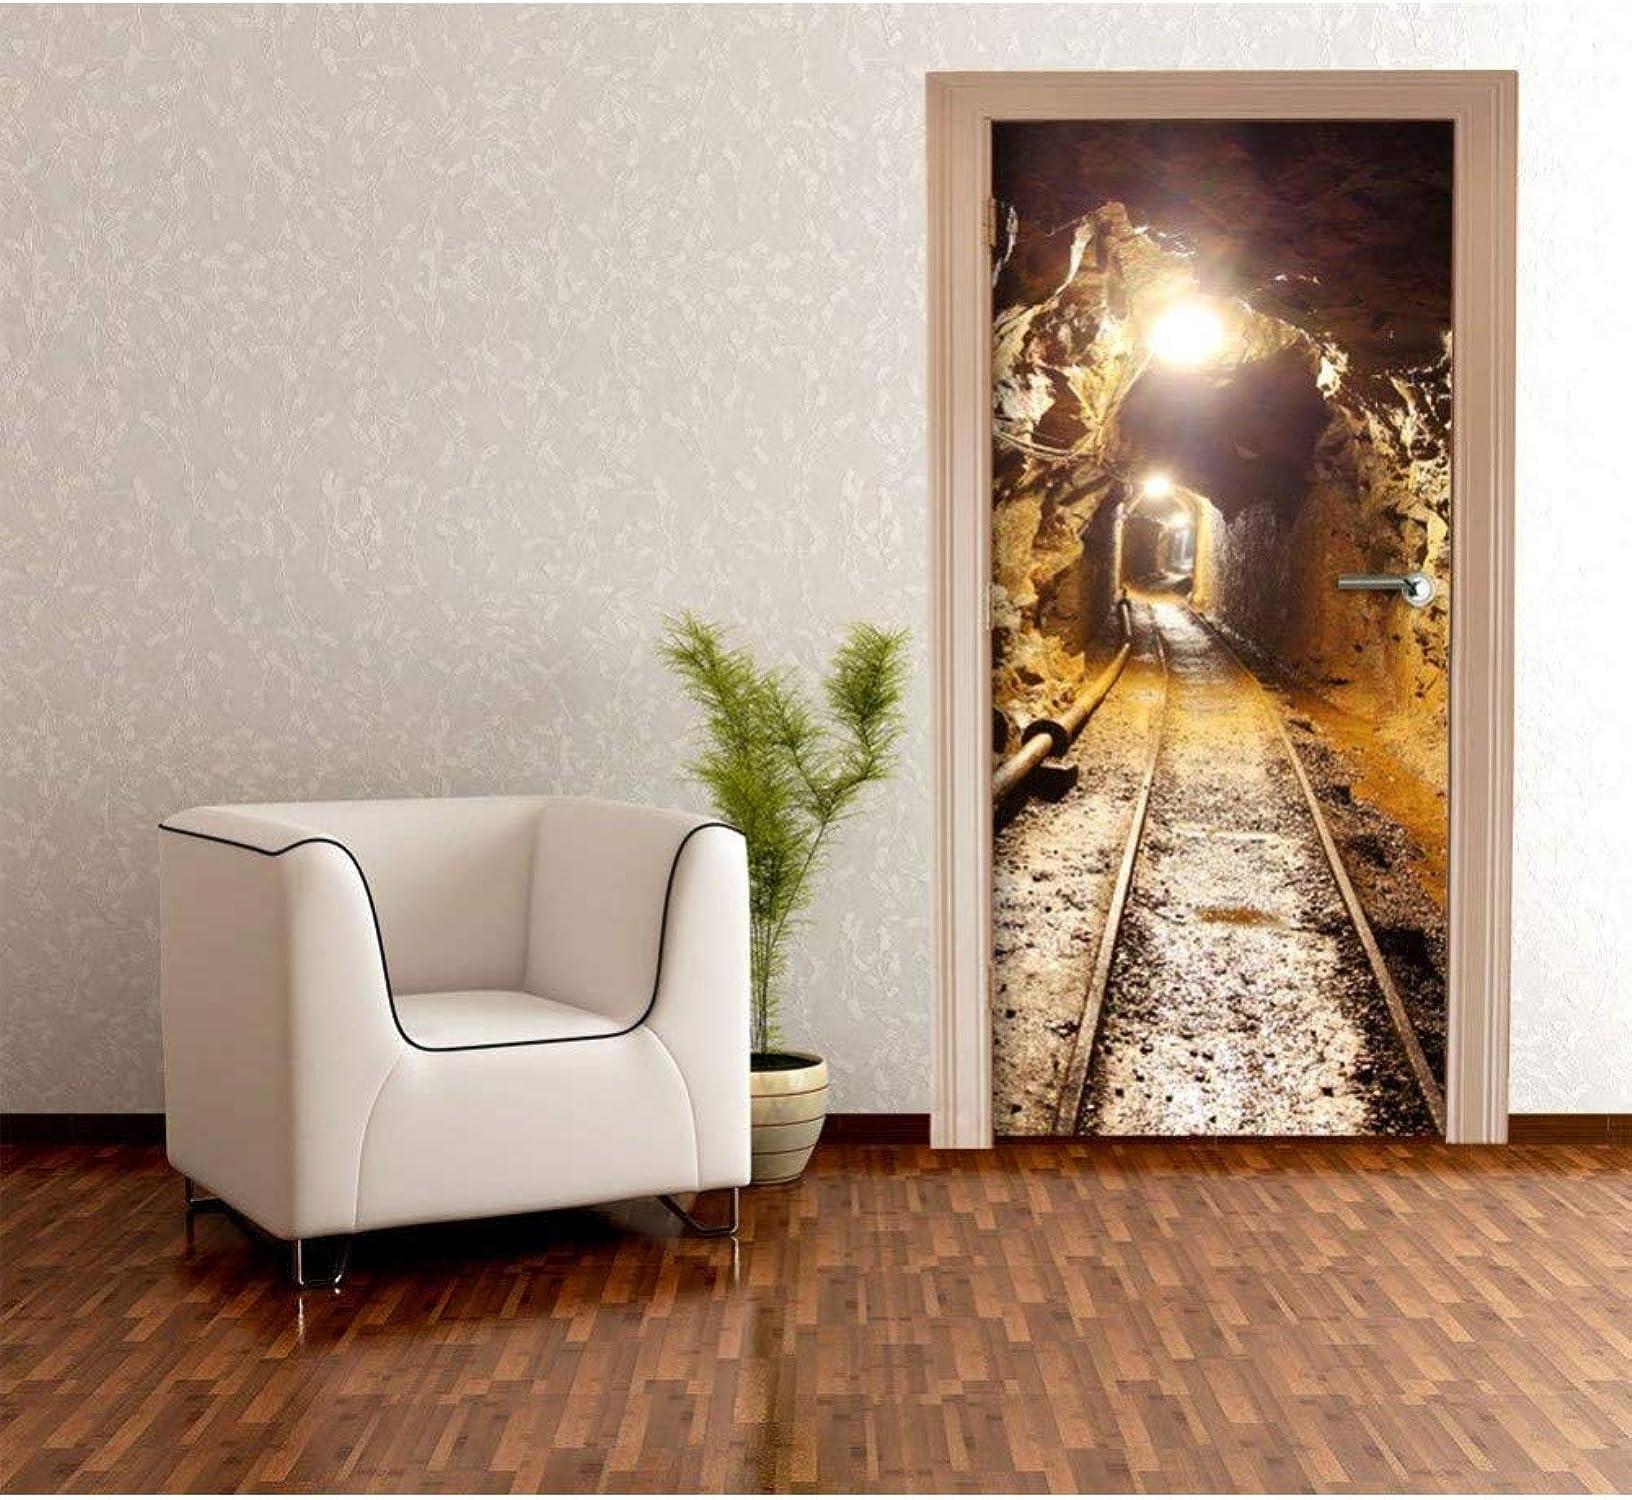 entrega de rayos QTZLKF Pegatina De Parojo Puerta Mural Túnel Túnel Túnel Etiqueta De La Puerta PapelTapiz3DDeco Wall Envoltura De Puerta Autoadhesiva  100% garantía genuina de contador